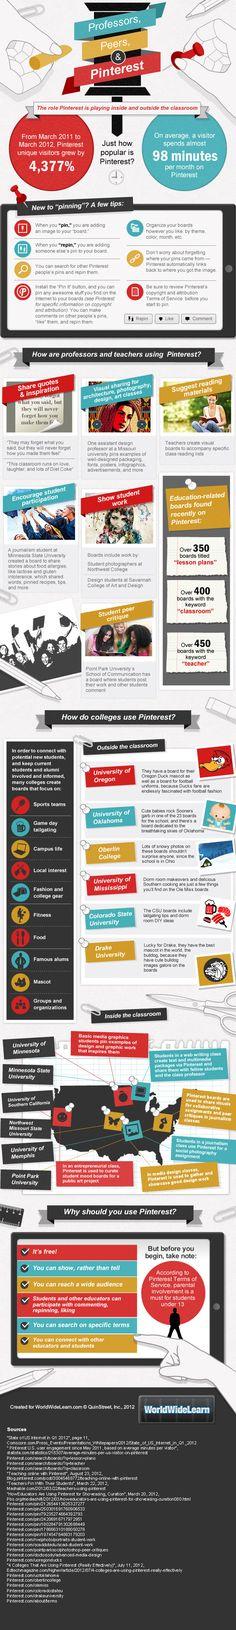 Possibili usi di pinterest in ambito educativo - Using #Pinterest for #education. #edtech